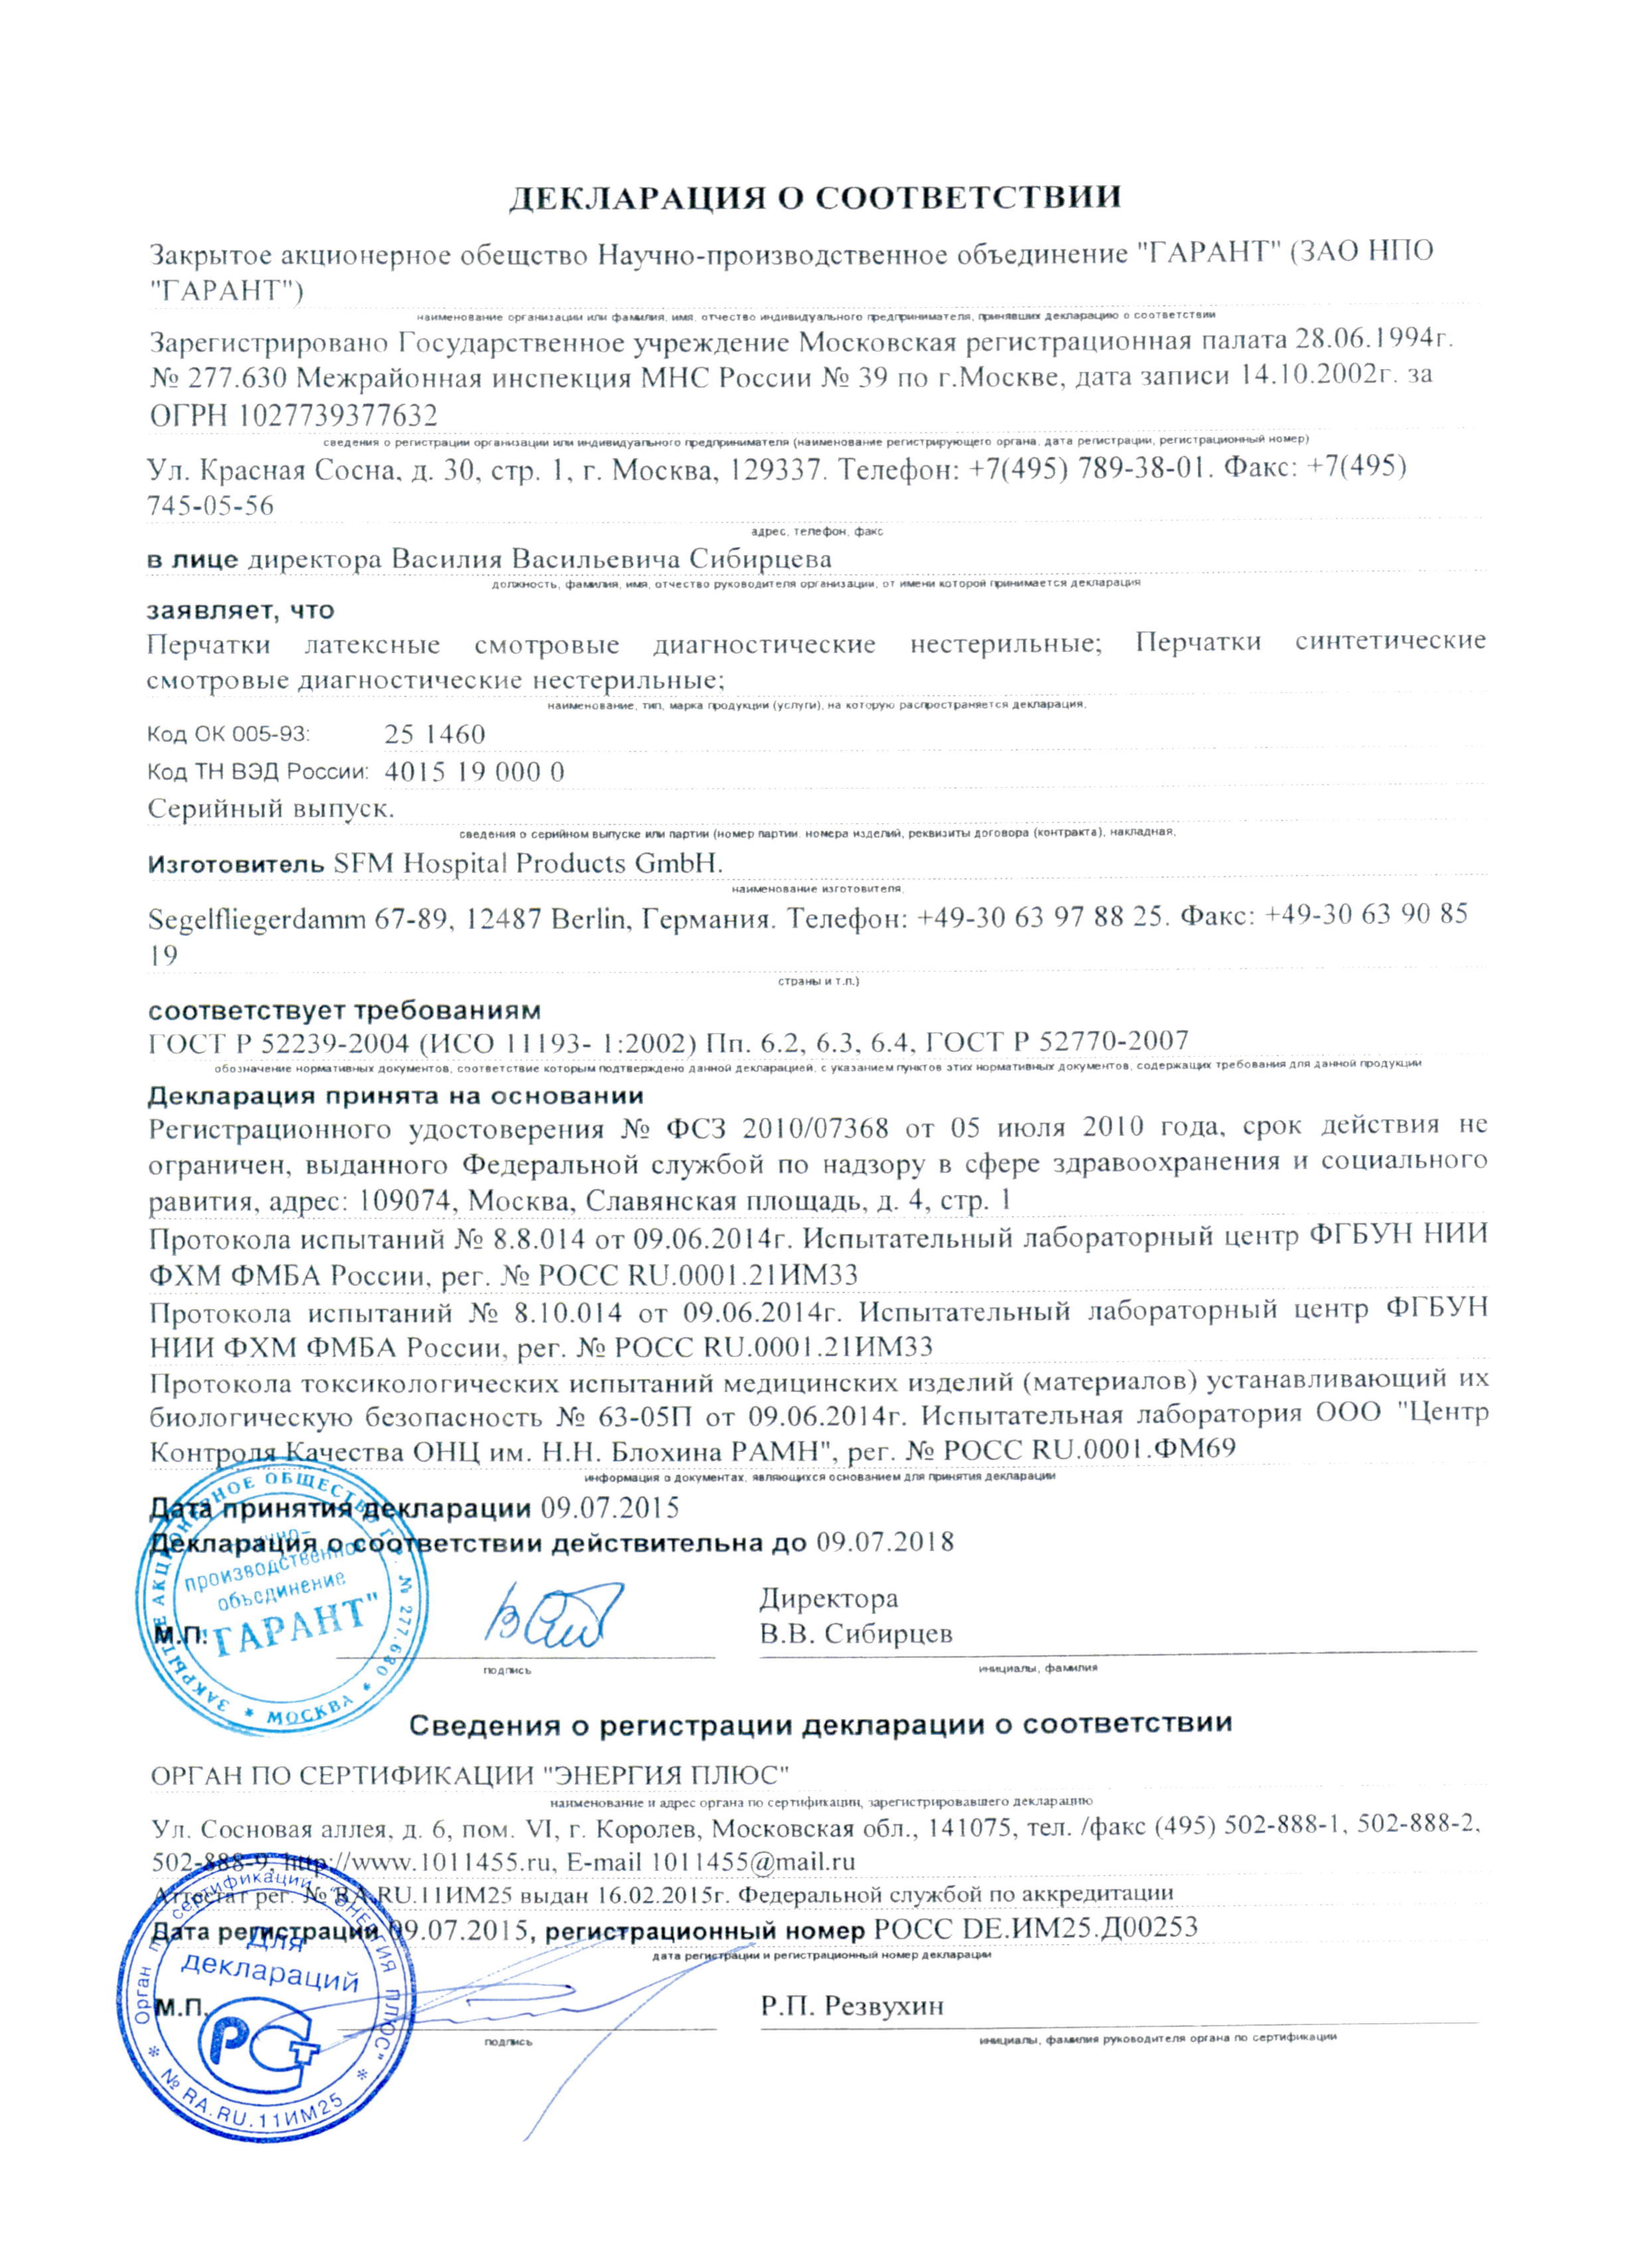 Декларация_смотр_НЕ_СТЕР_09.07.15-09.07.18.jpg